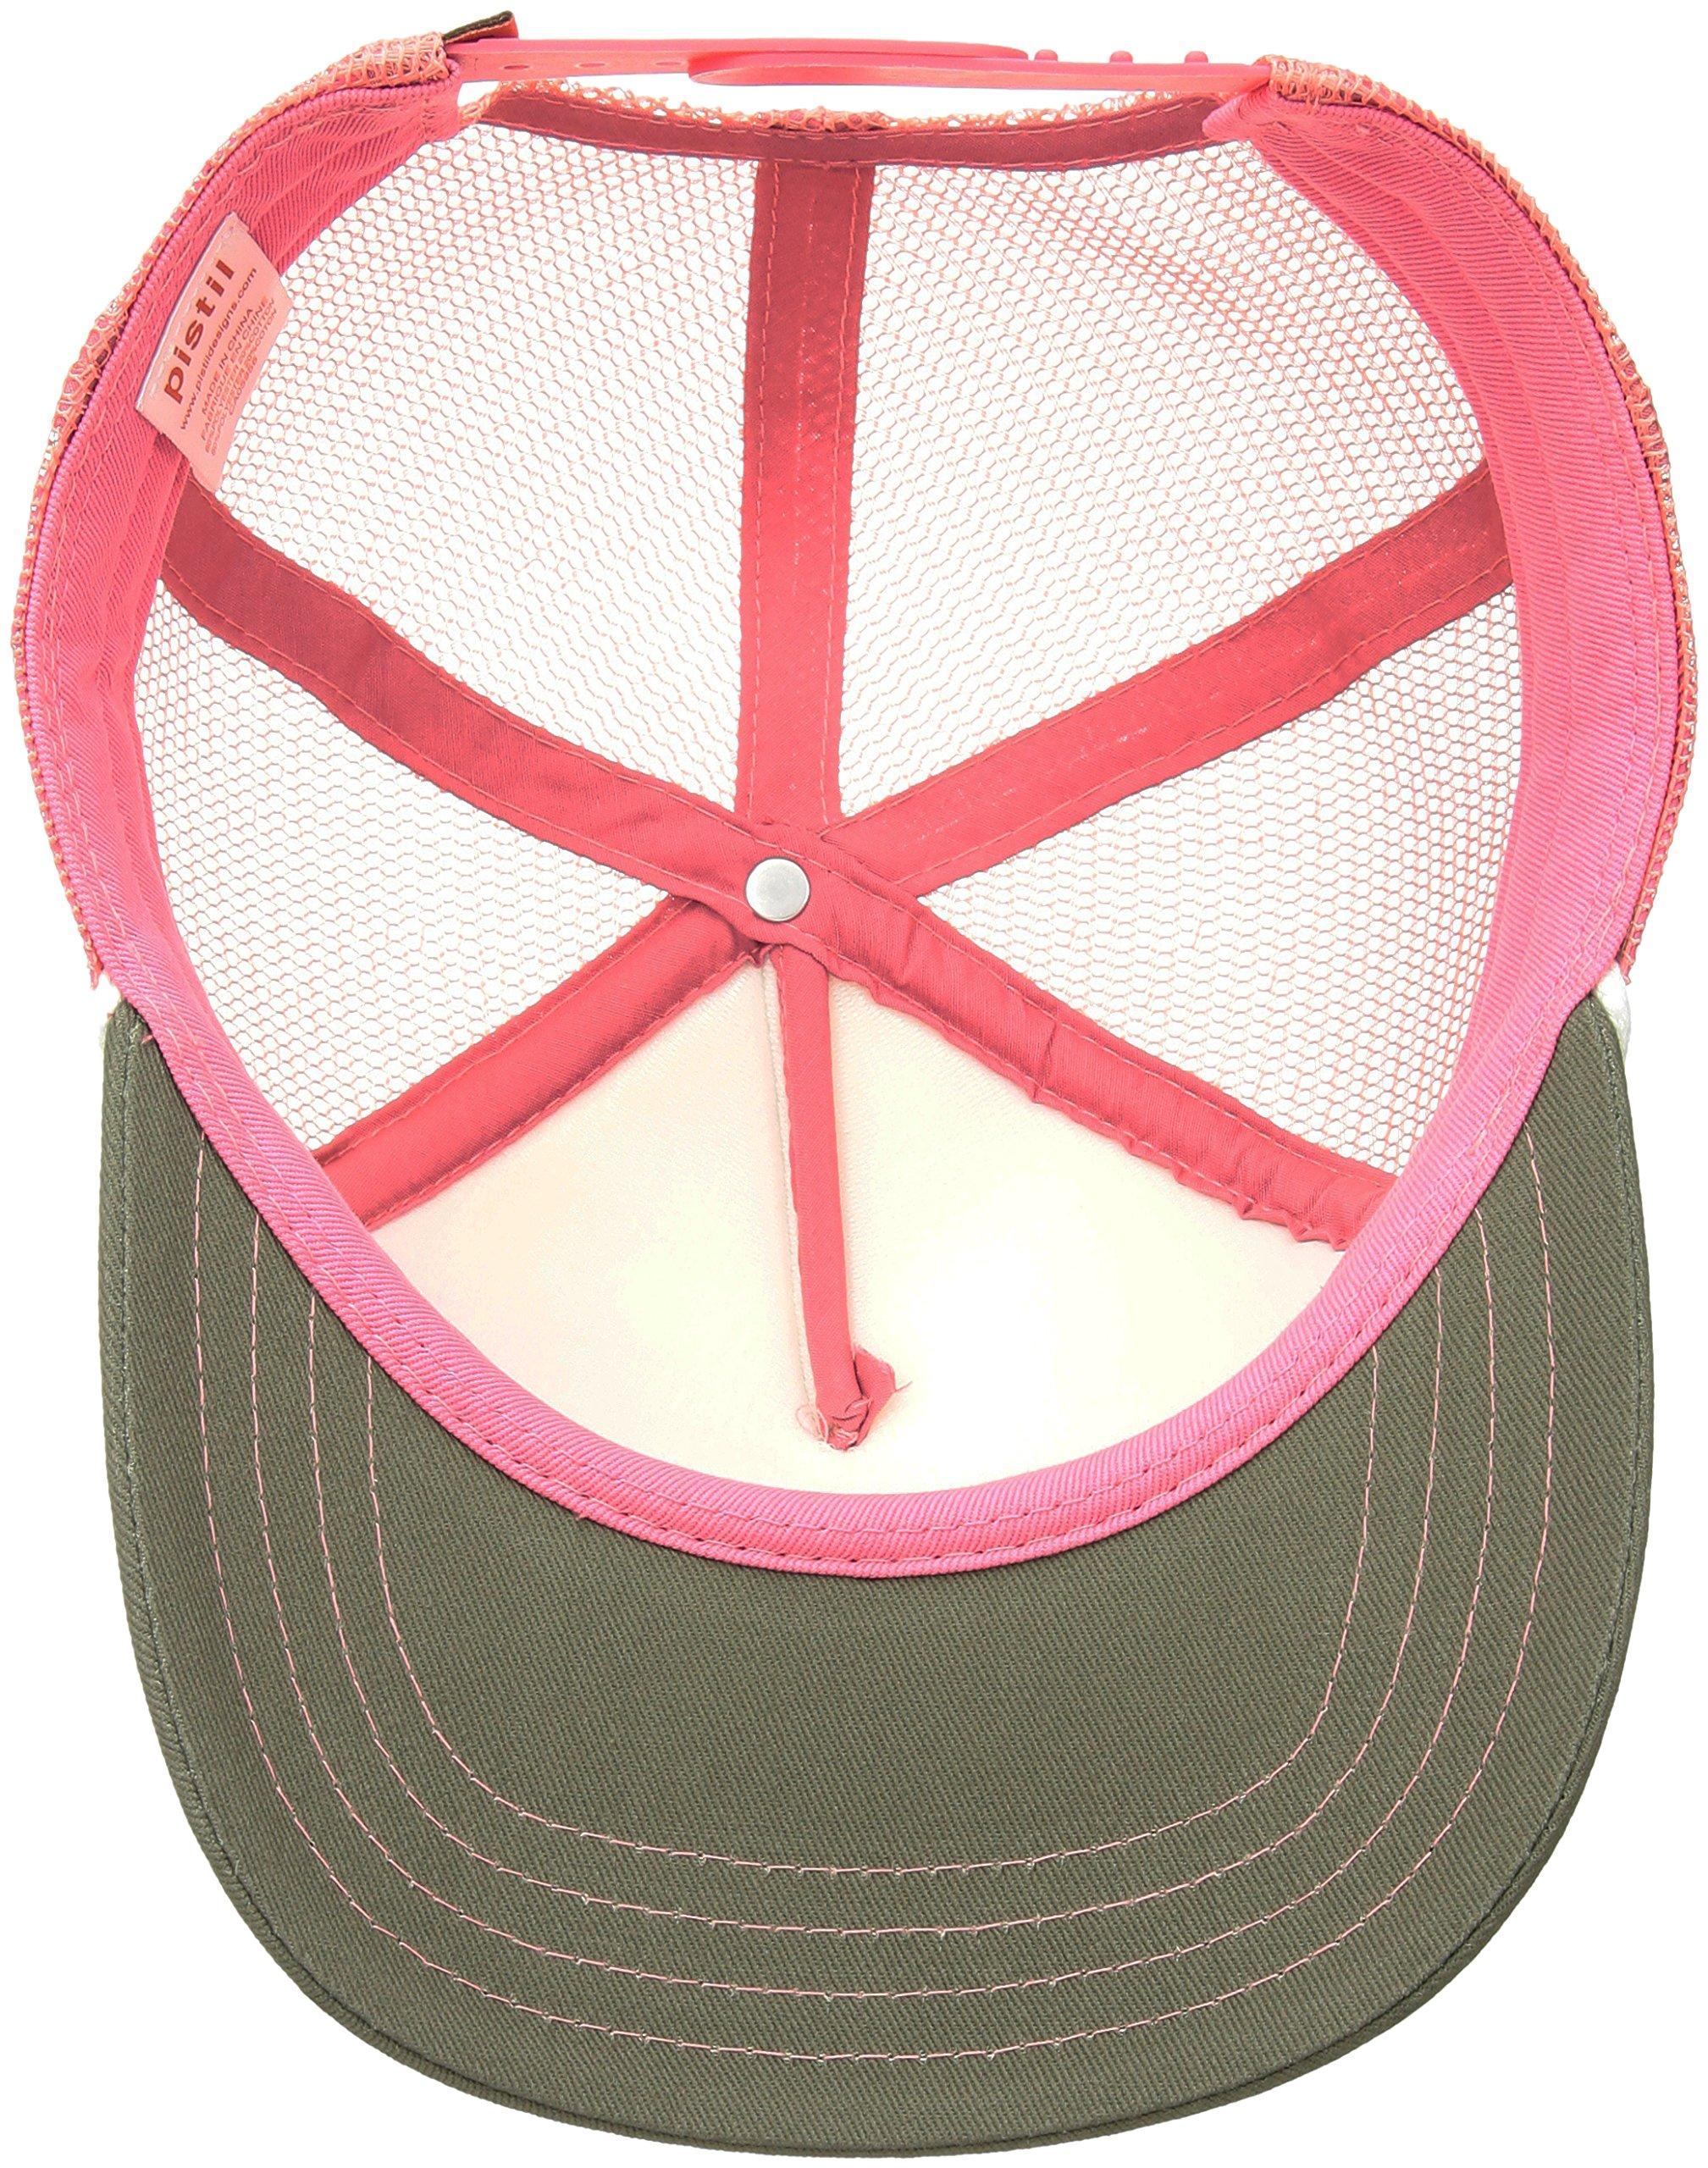 Pistil Women's Matty Trucker Cap, Olive by pistil (Image #3)